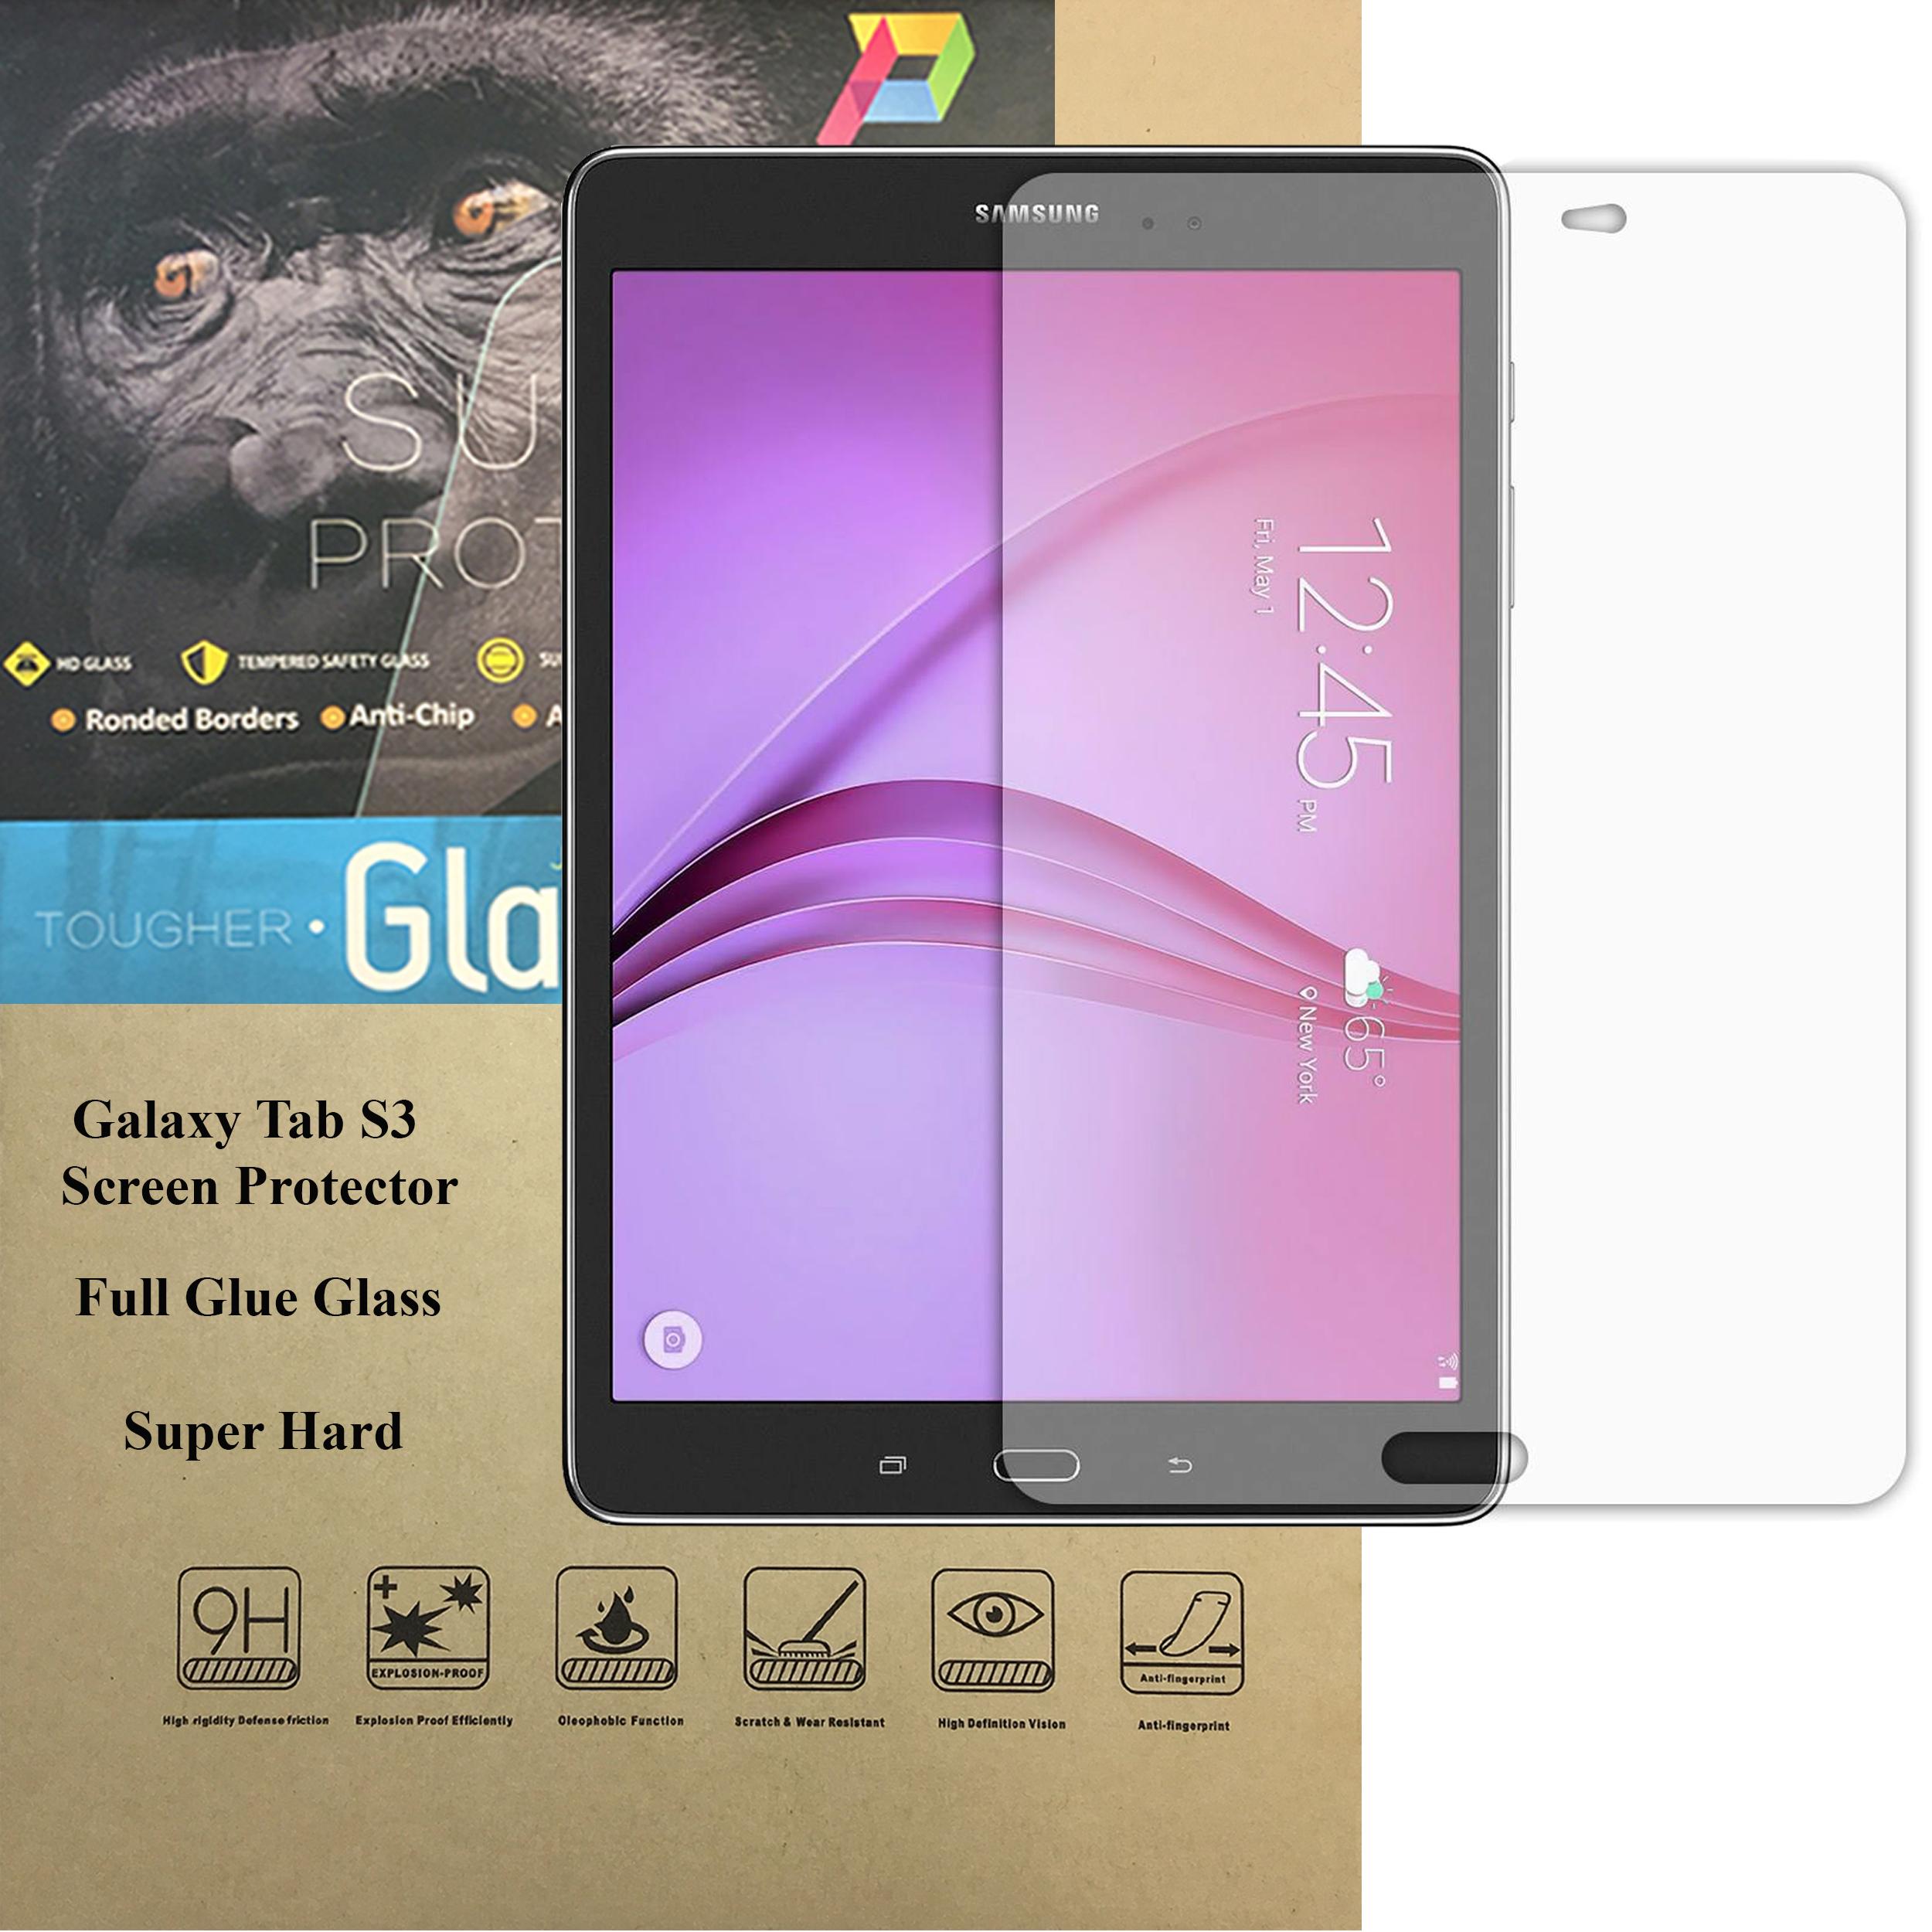 محافظ صفحه نمایش پیکسی مدل Treasure Trove مناسب برای تبلت سامسونگ Galaxy Tab S3